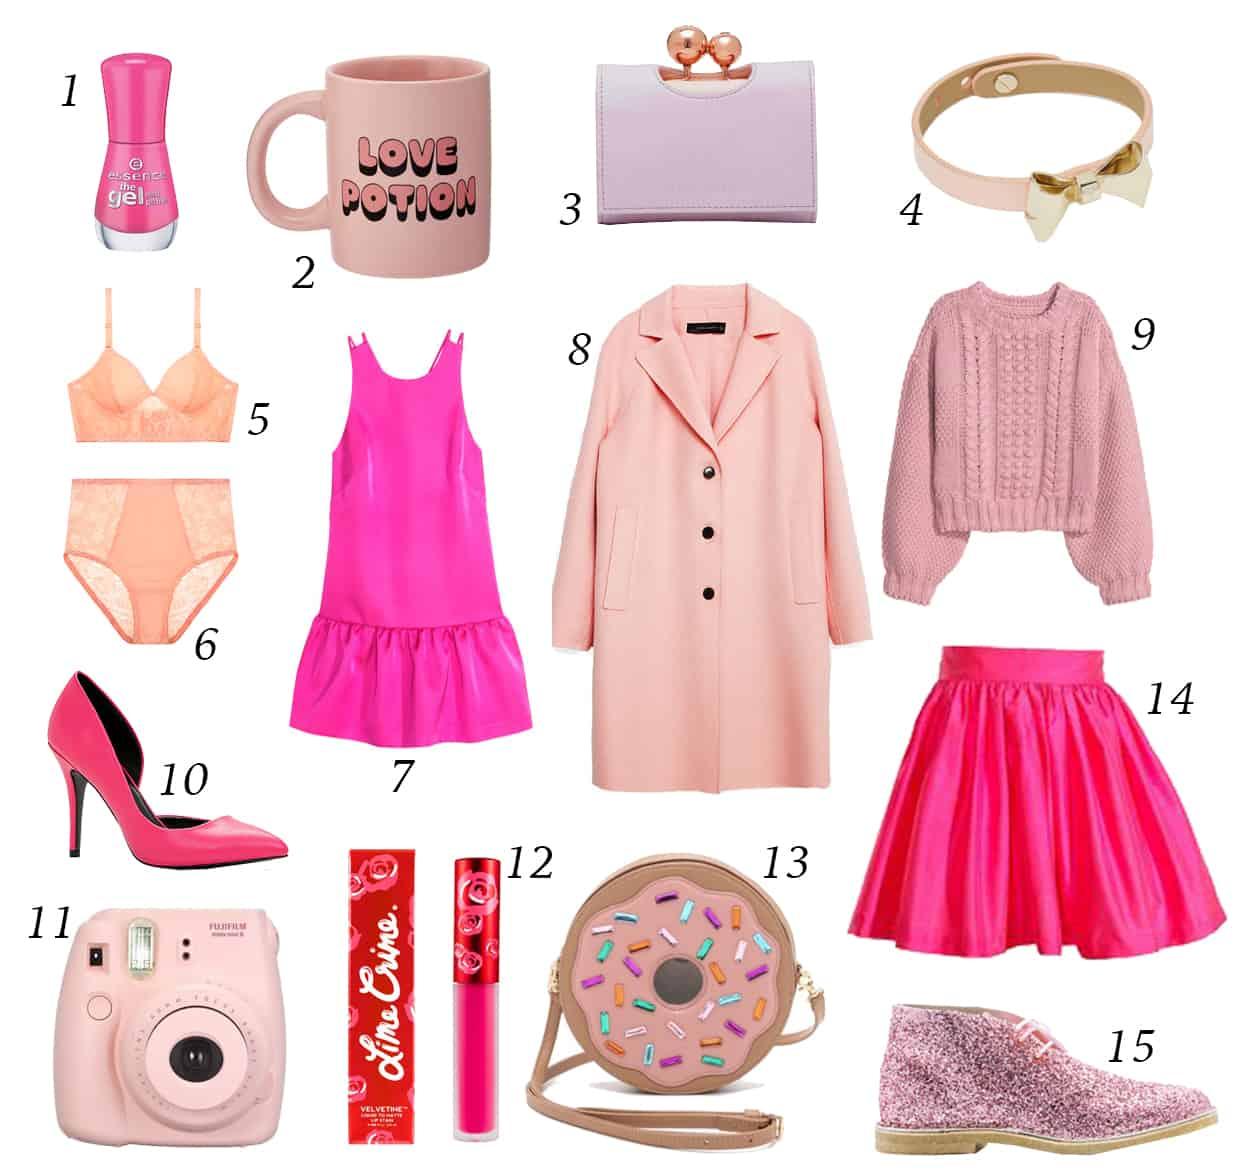 valentines-fashion-collage